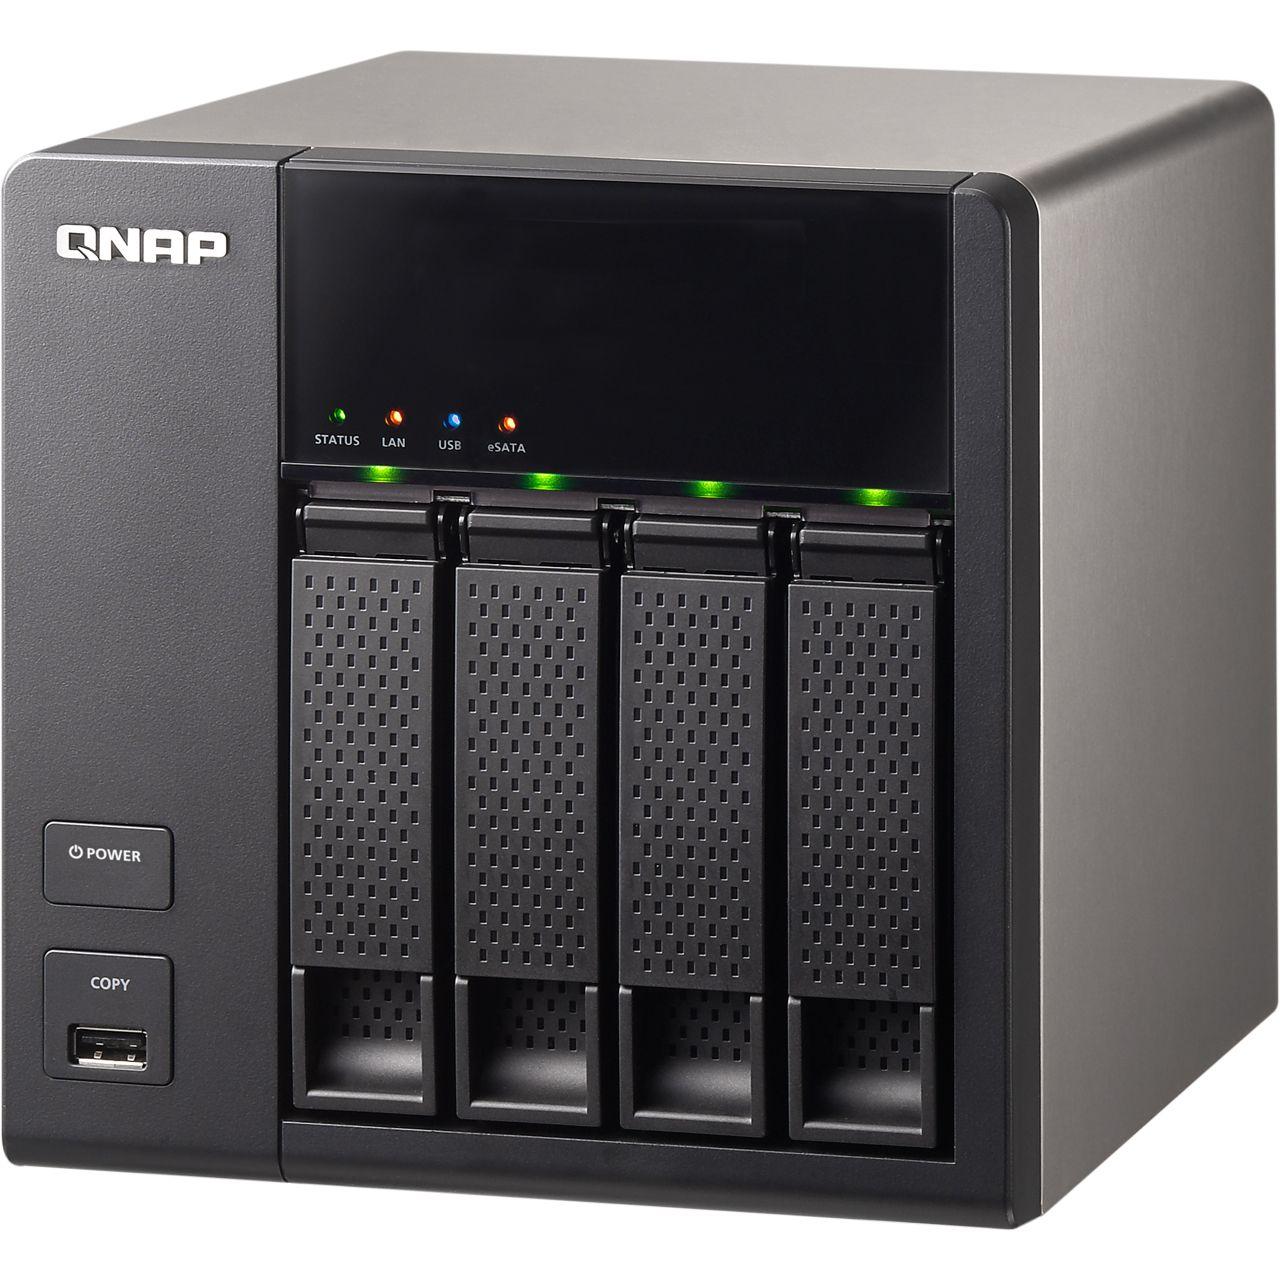 qnap turbostation ts 412 ohne festplatten ohne festplatte hardware notebooks. Black Bedroom Furniture Sets. Home Design Ideas